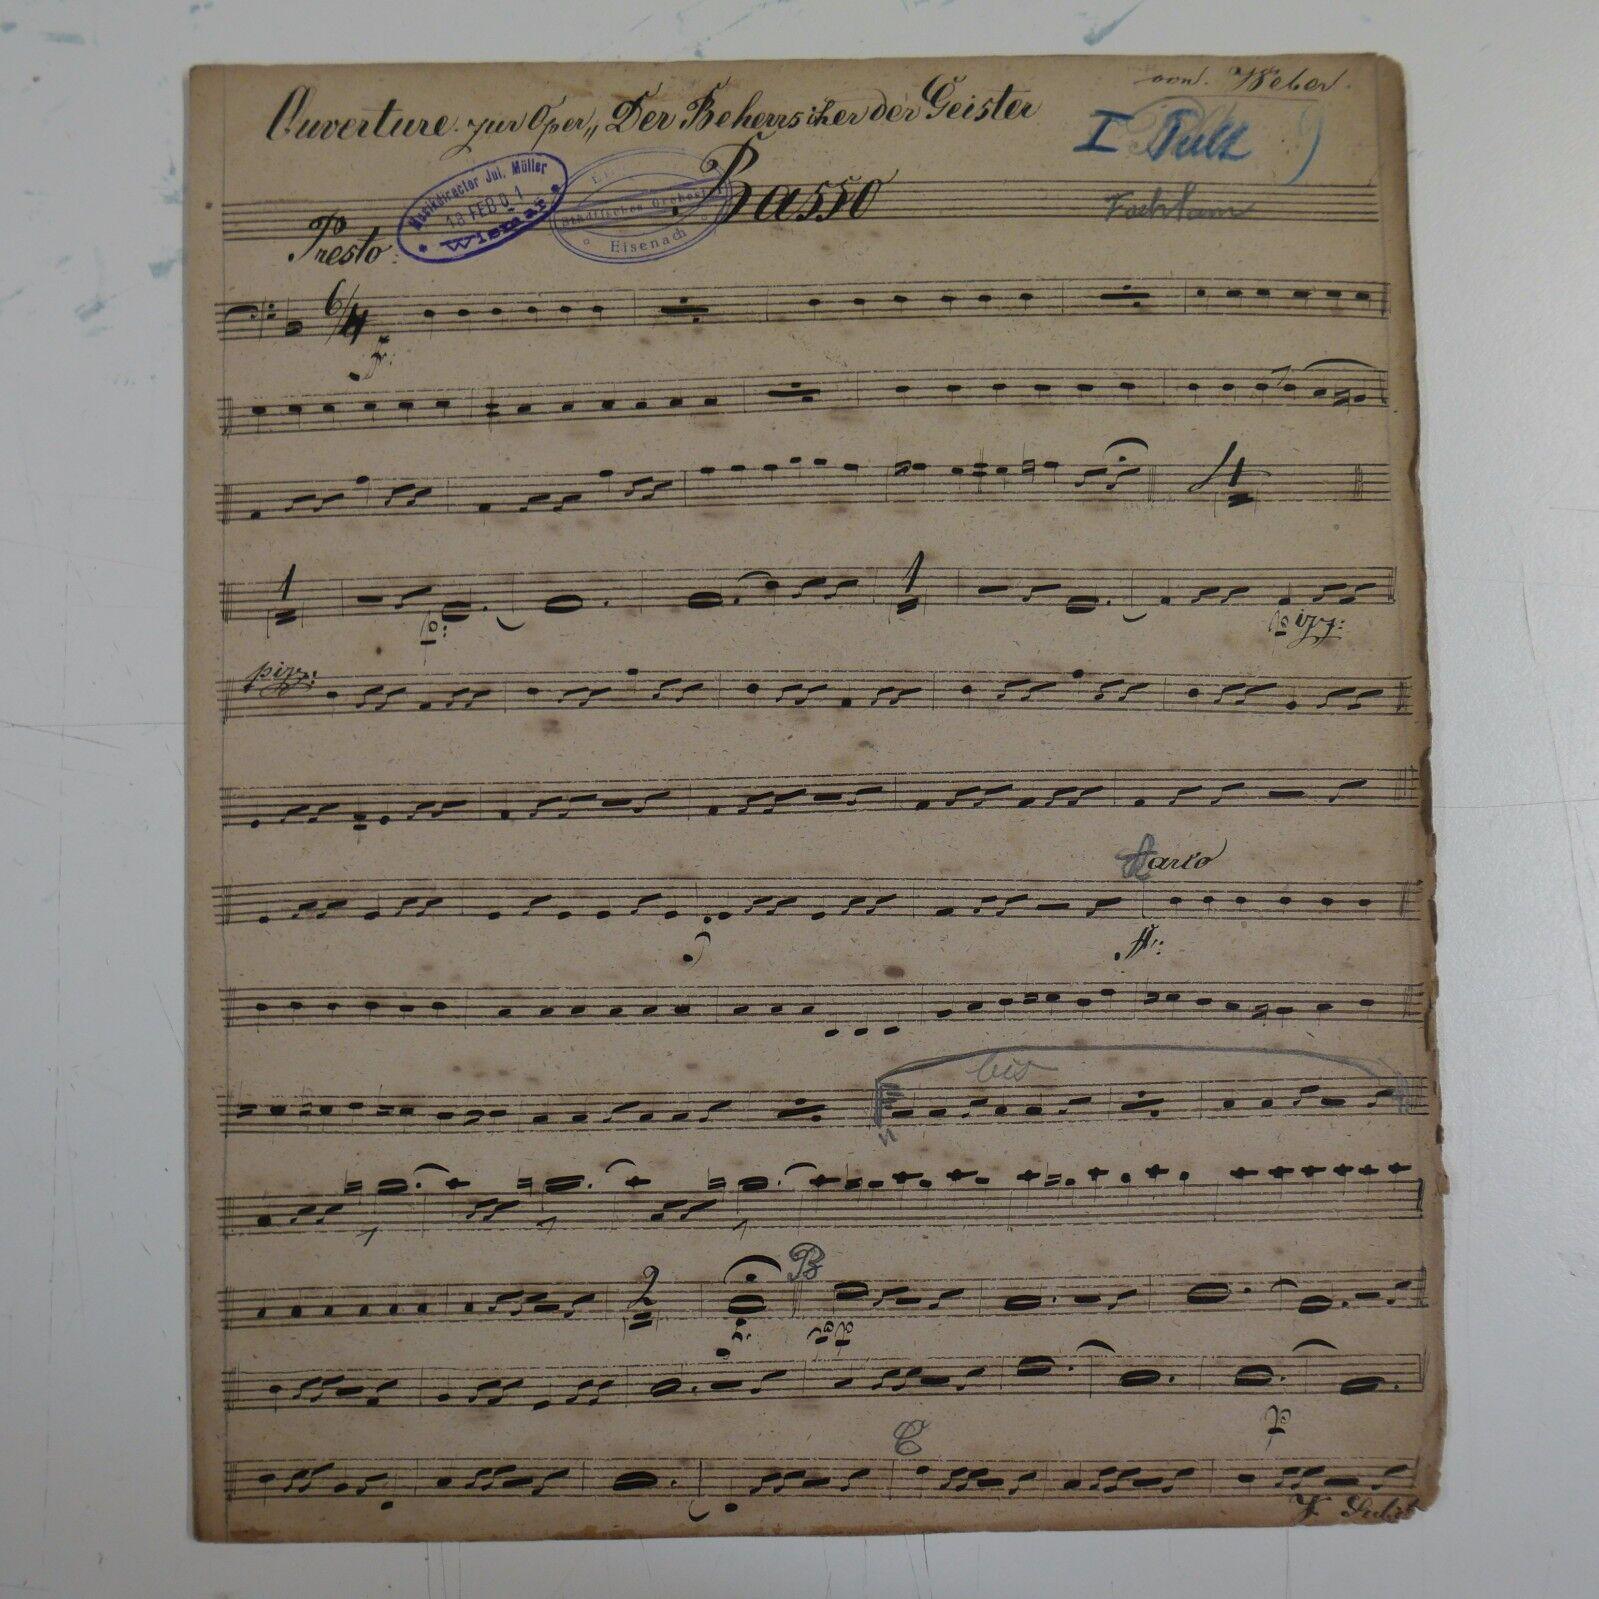 C M v WEBER DER BEHERRSCHER DER GEISTER bass part , antique music manuscript